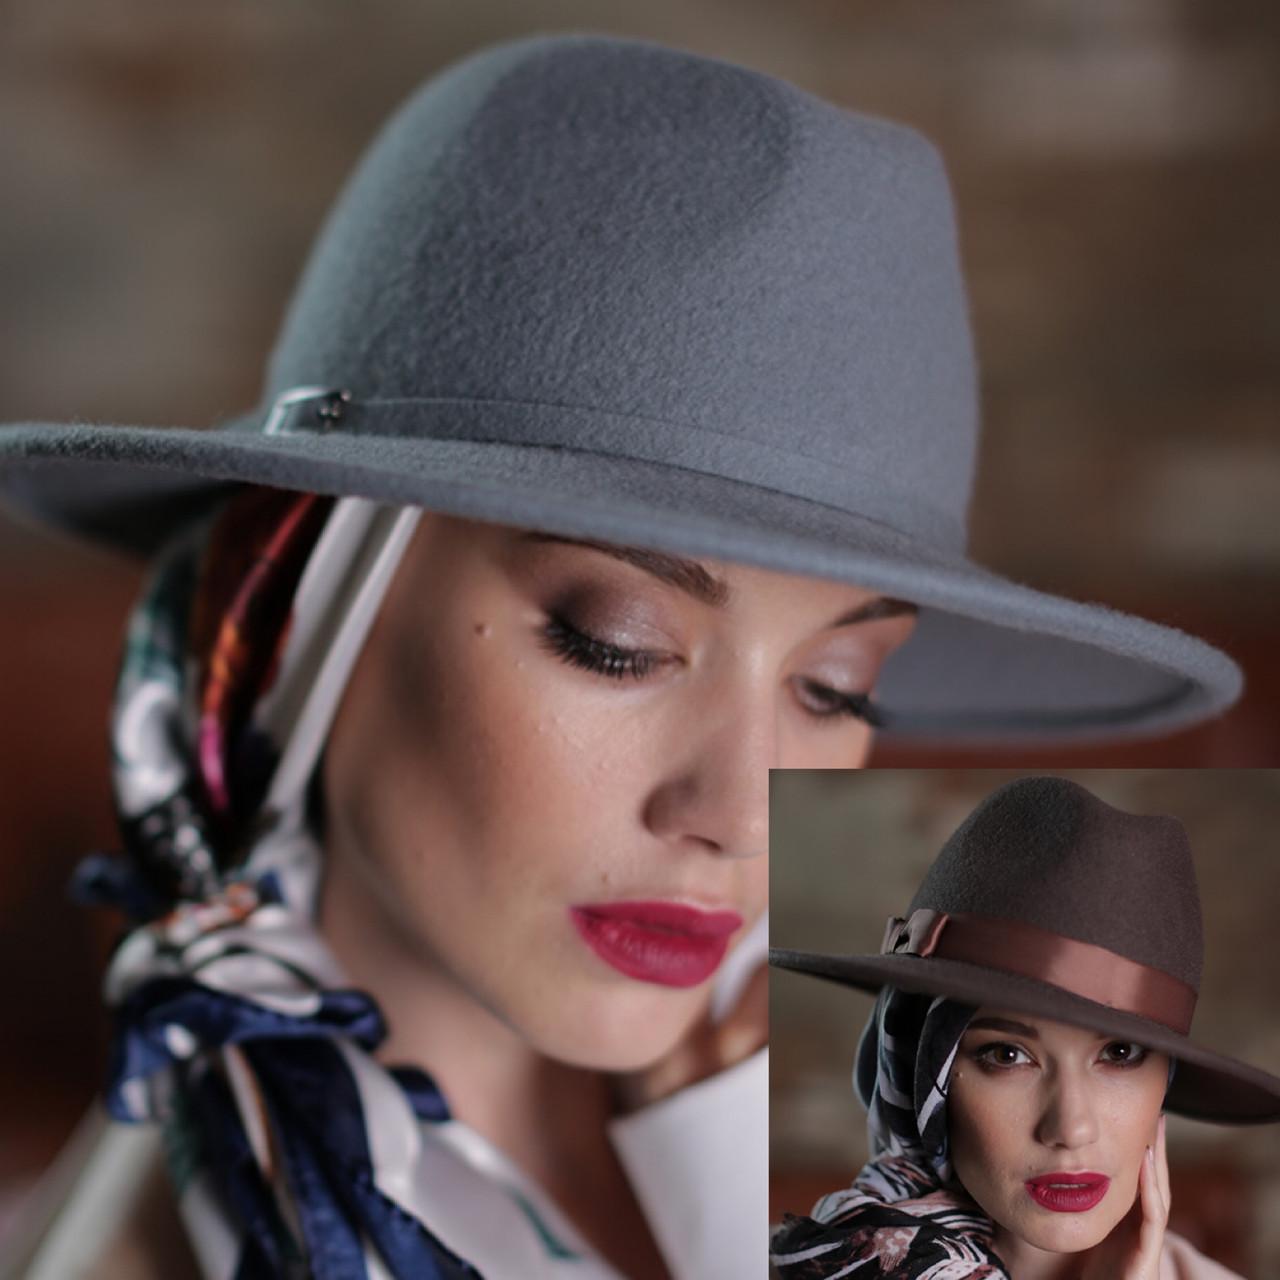 Женская фетровая шляпа под мужской стиль 55-59 см поля 7 см цвет под заказ